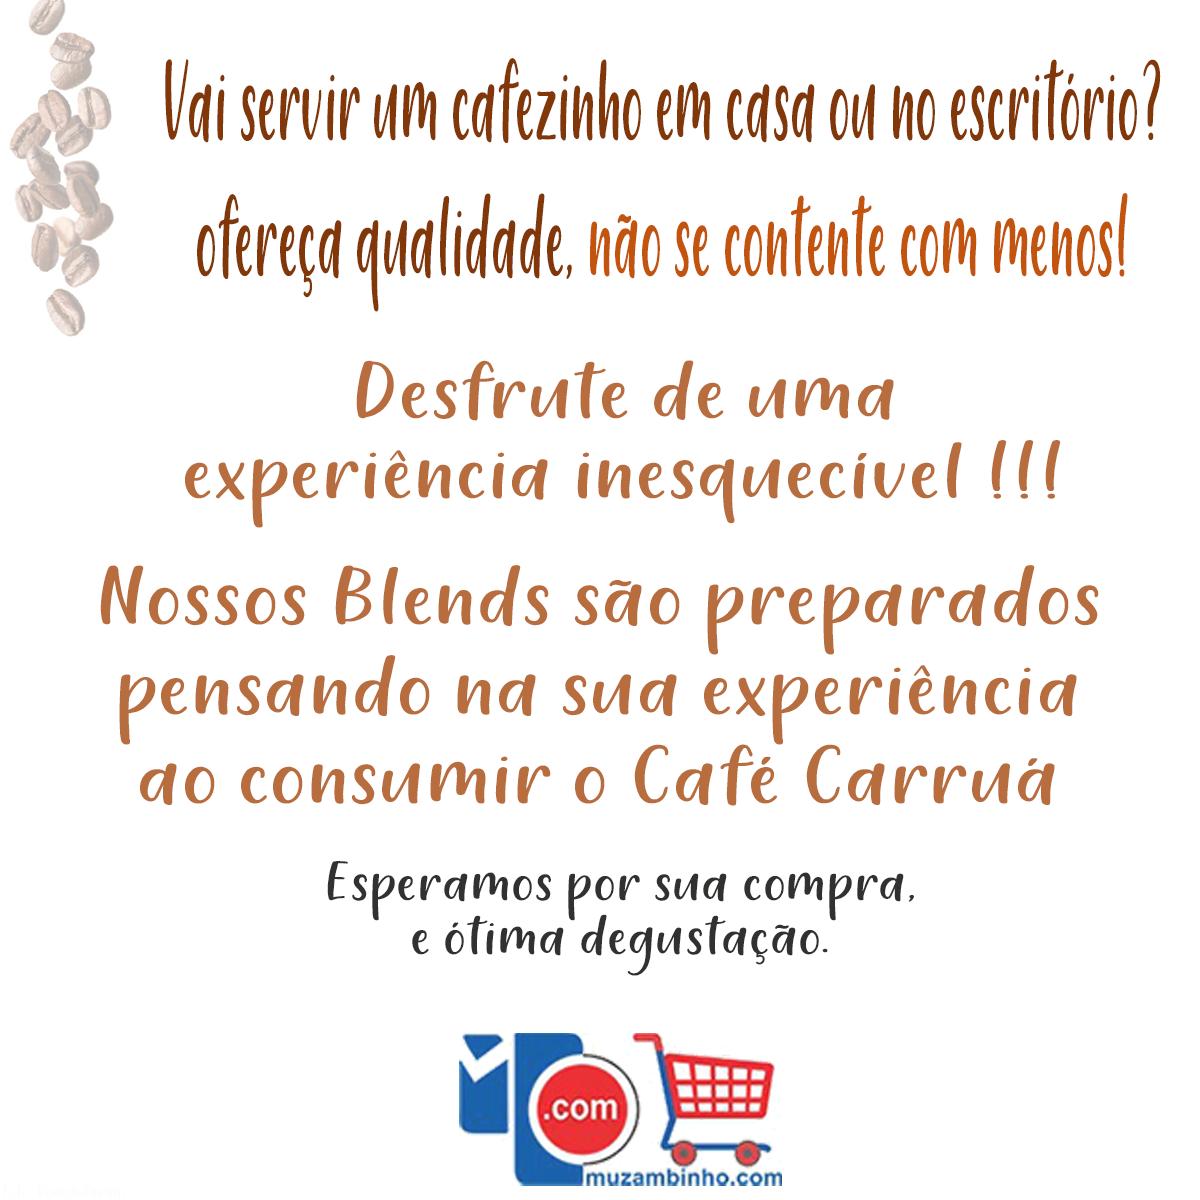 Café Carruá Torrado e Moído Lata 500Gr. 100% Arábica - Cafés Especiais